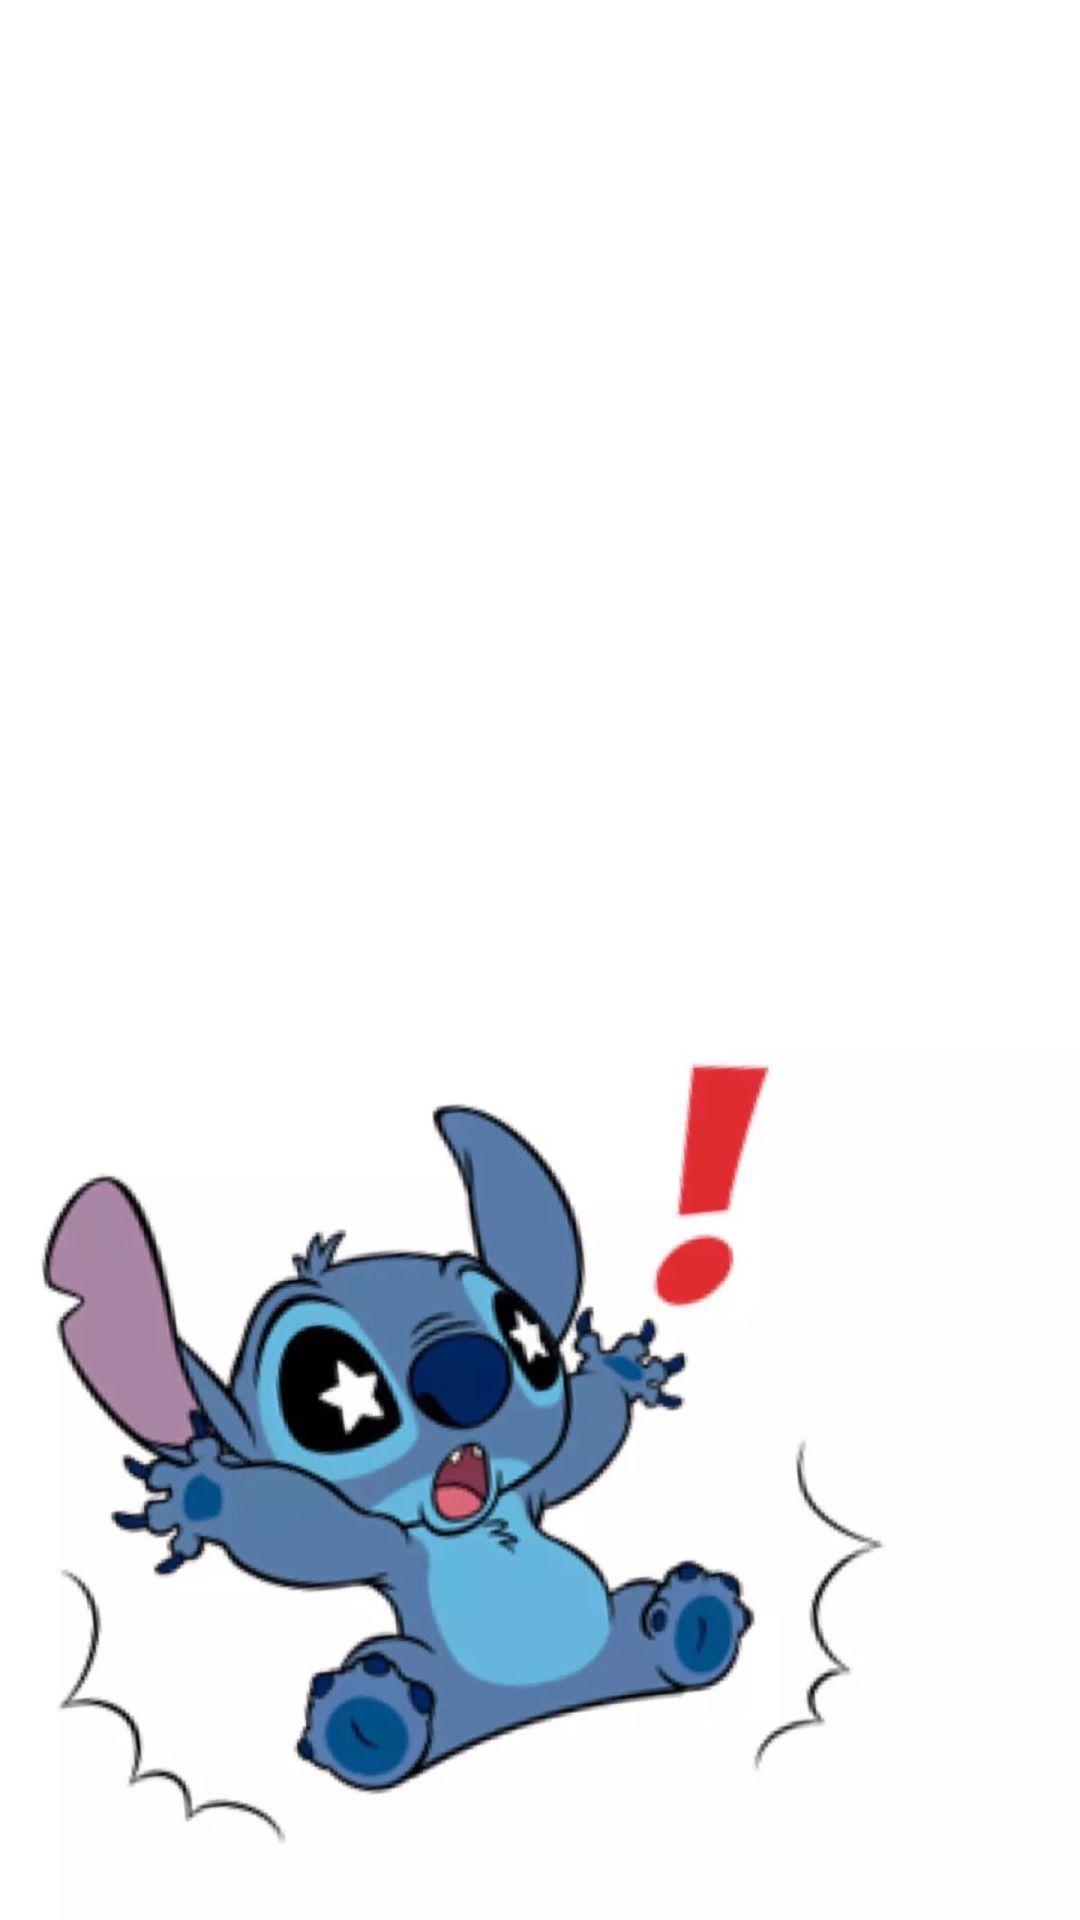 Iphone Wallpapers Fond D Ecran Mickey Fond D Ecran Dessin Disney